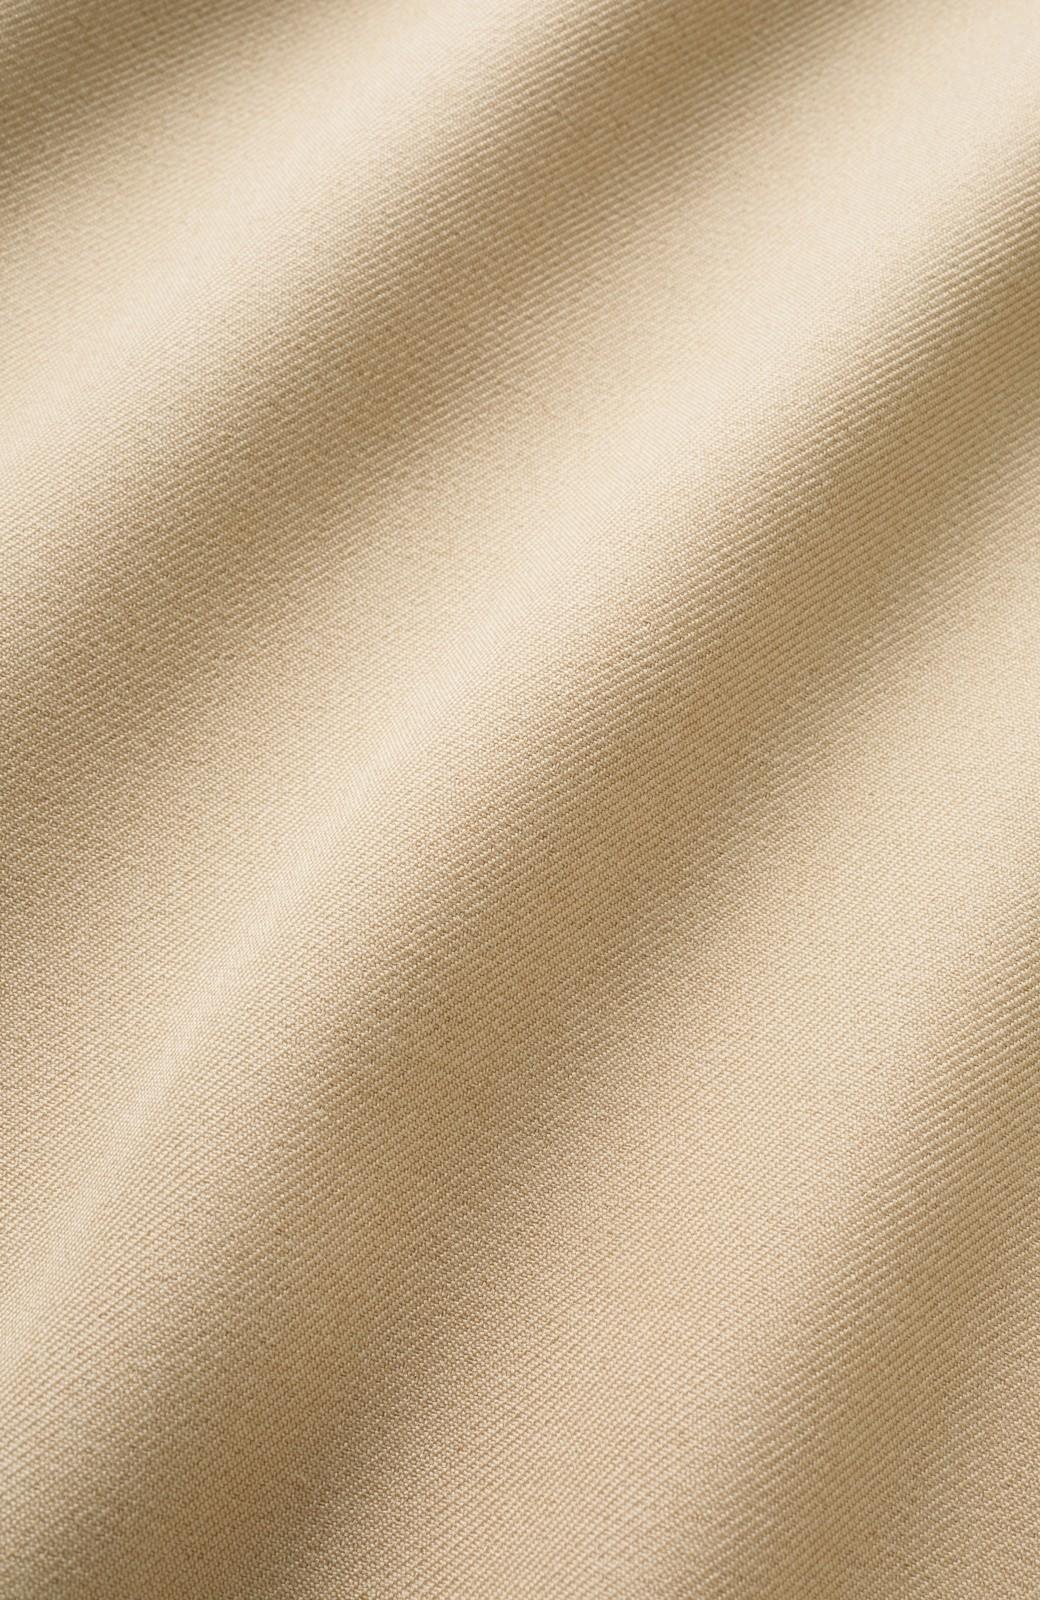 エムトロワ 【mer7月号掲載】洗濯機で洗える!ウエストリボンのきれいめワイドパンツ <ライトベージュ>の商品写真2